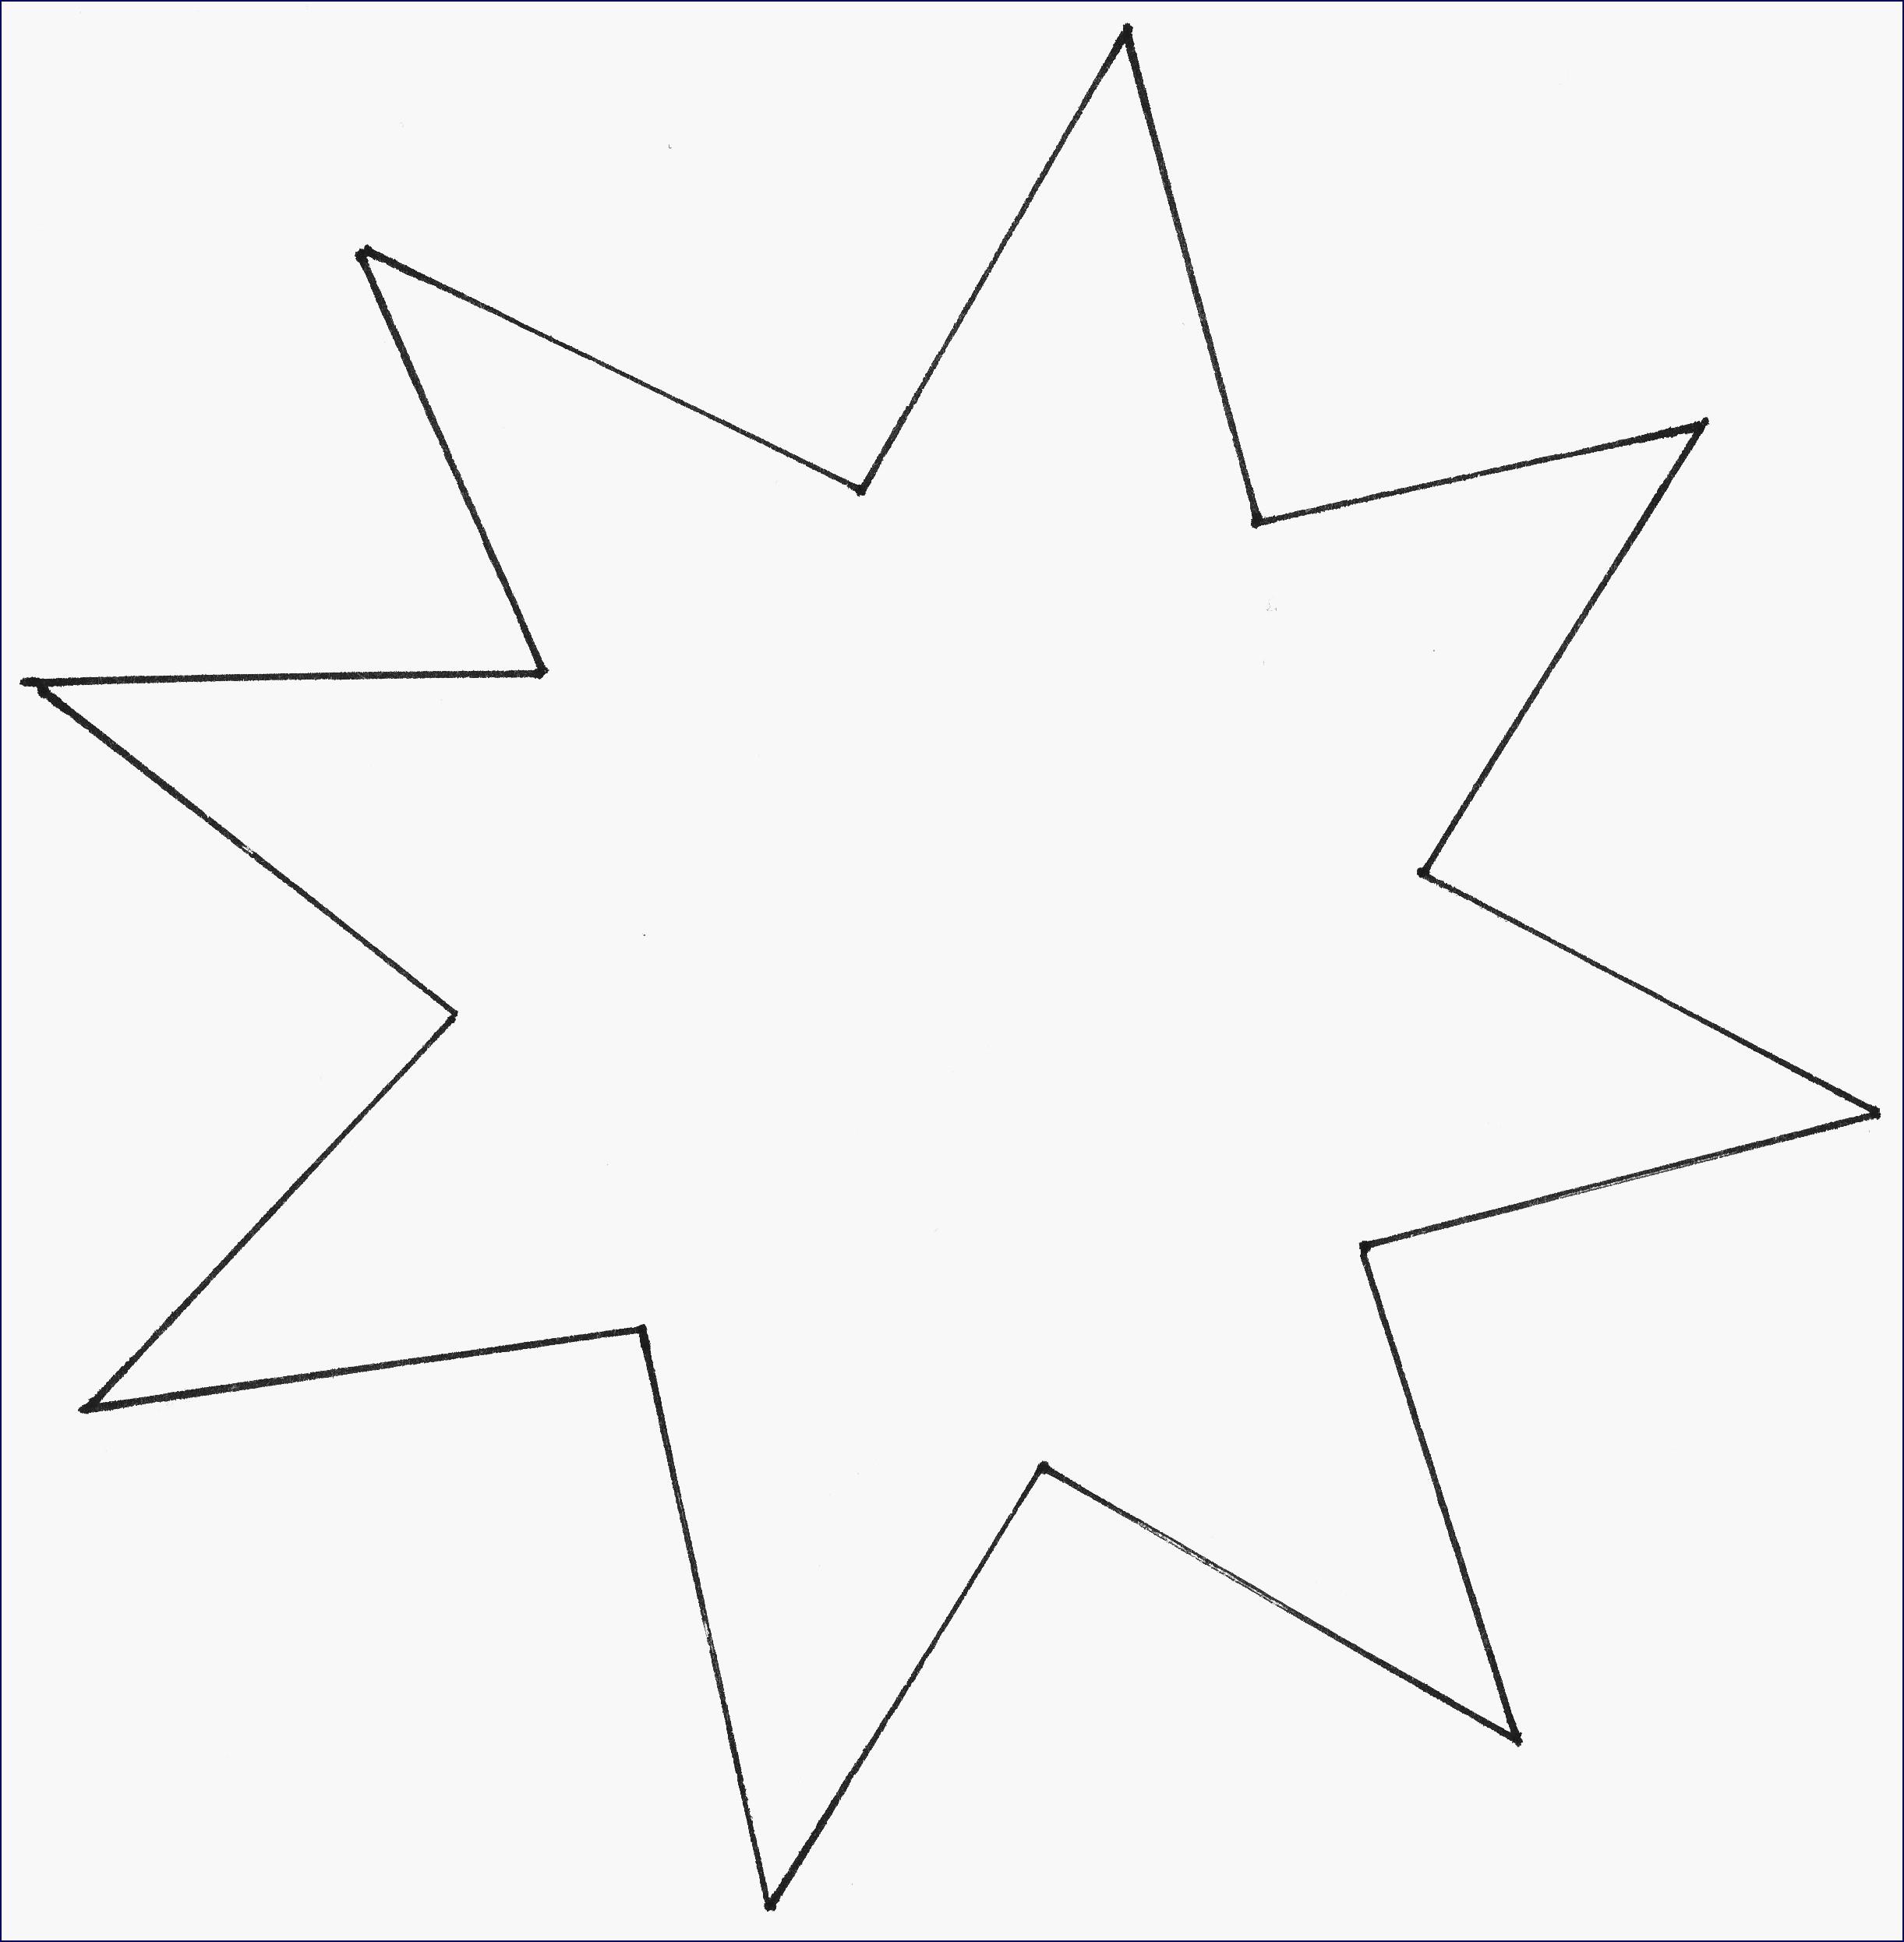 Planeten Und Sterne Ausmalbilder Inspirierend Malvorlage Cars Frisch Weihnachten Ausmalbilder Stern Bilder